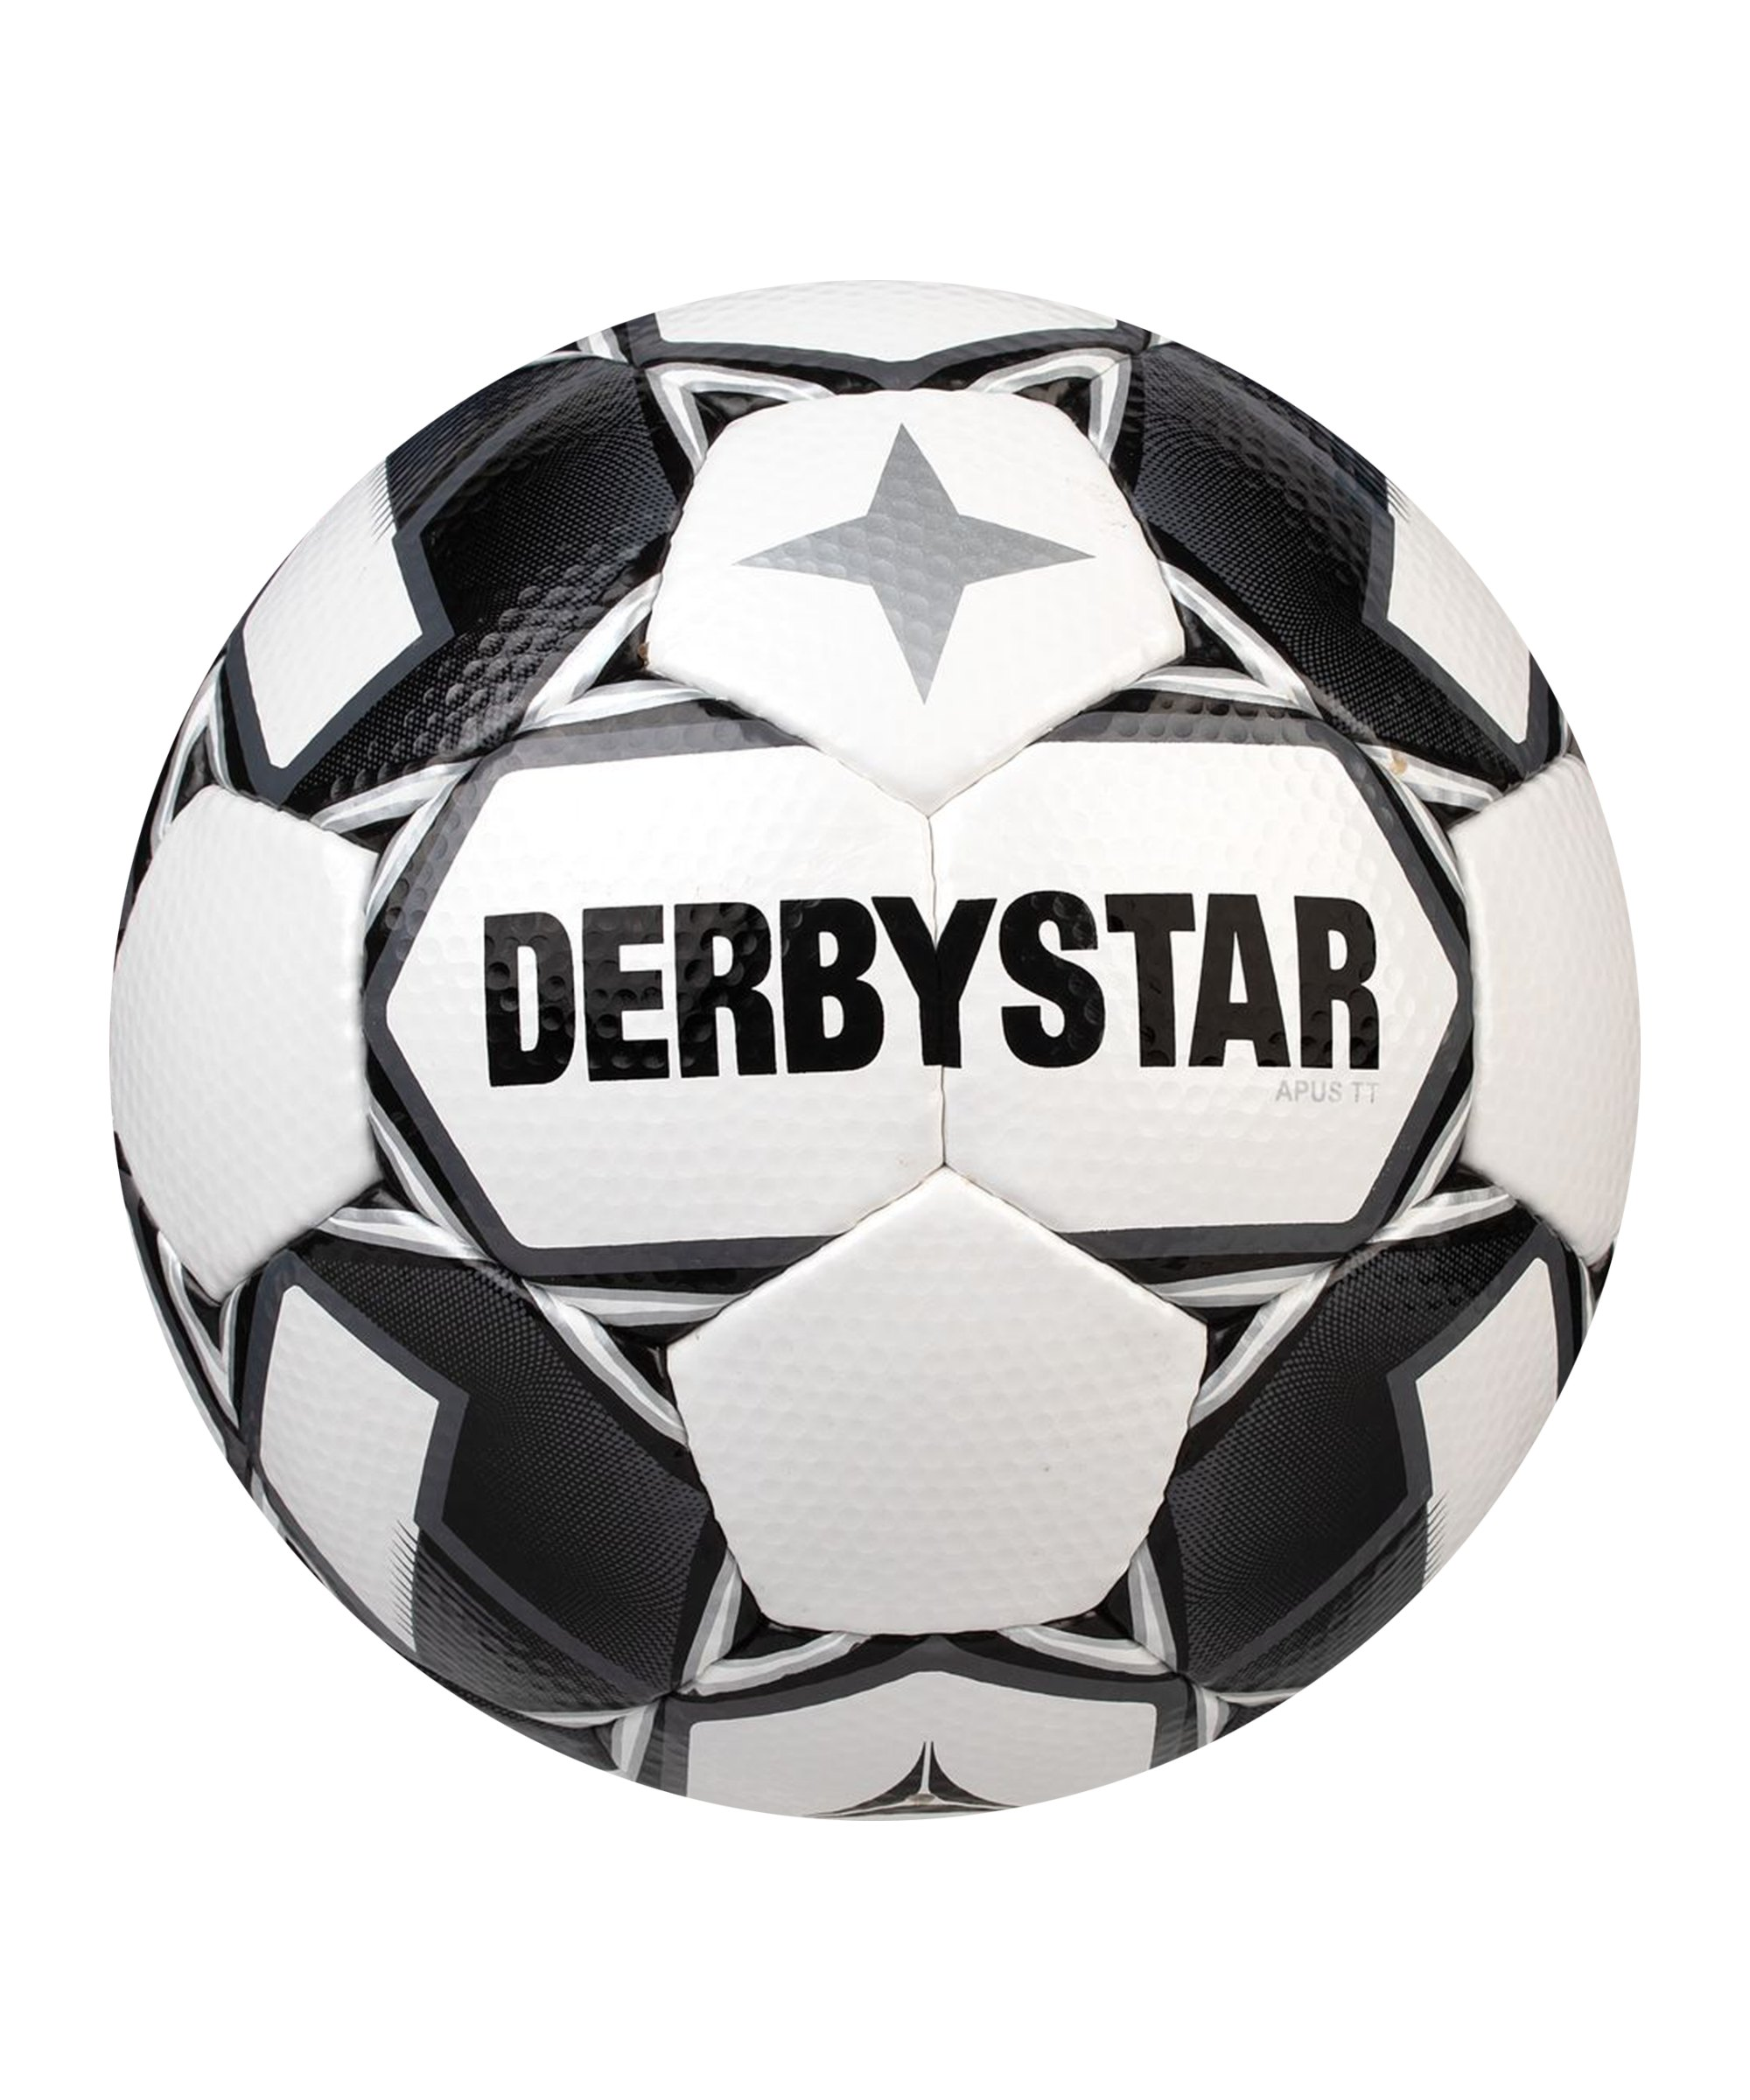 Derbystar Apus TT v20 Trainingsball F120 - weiss